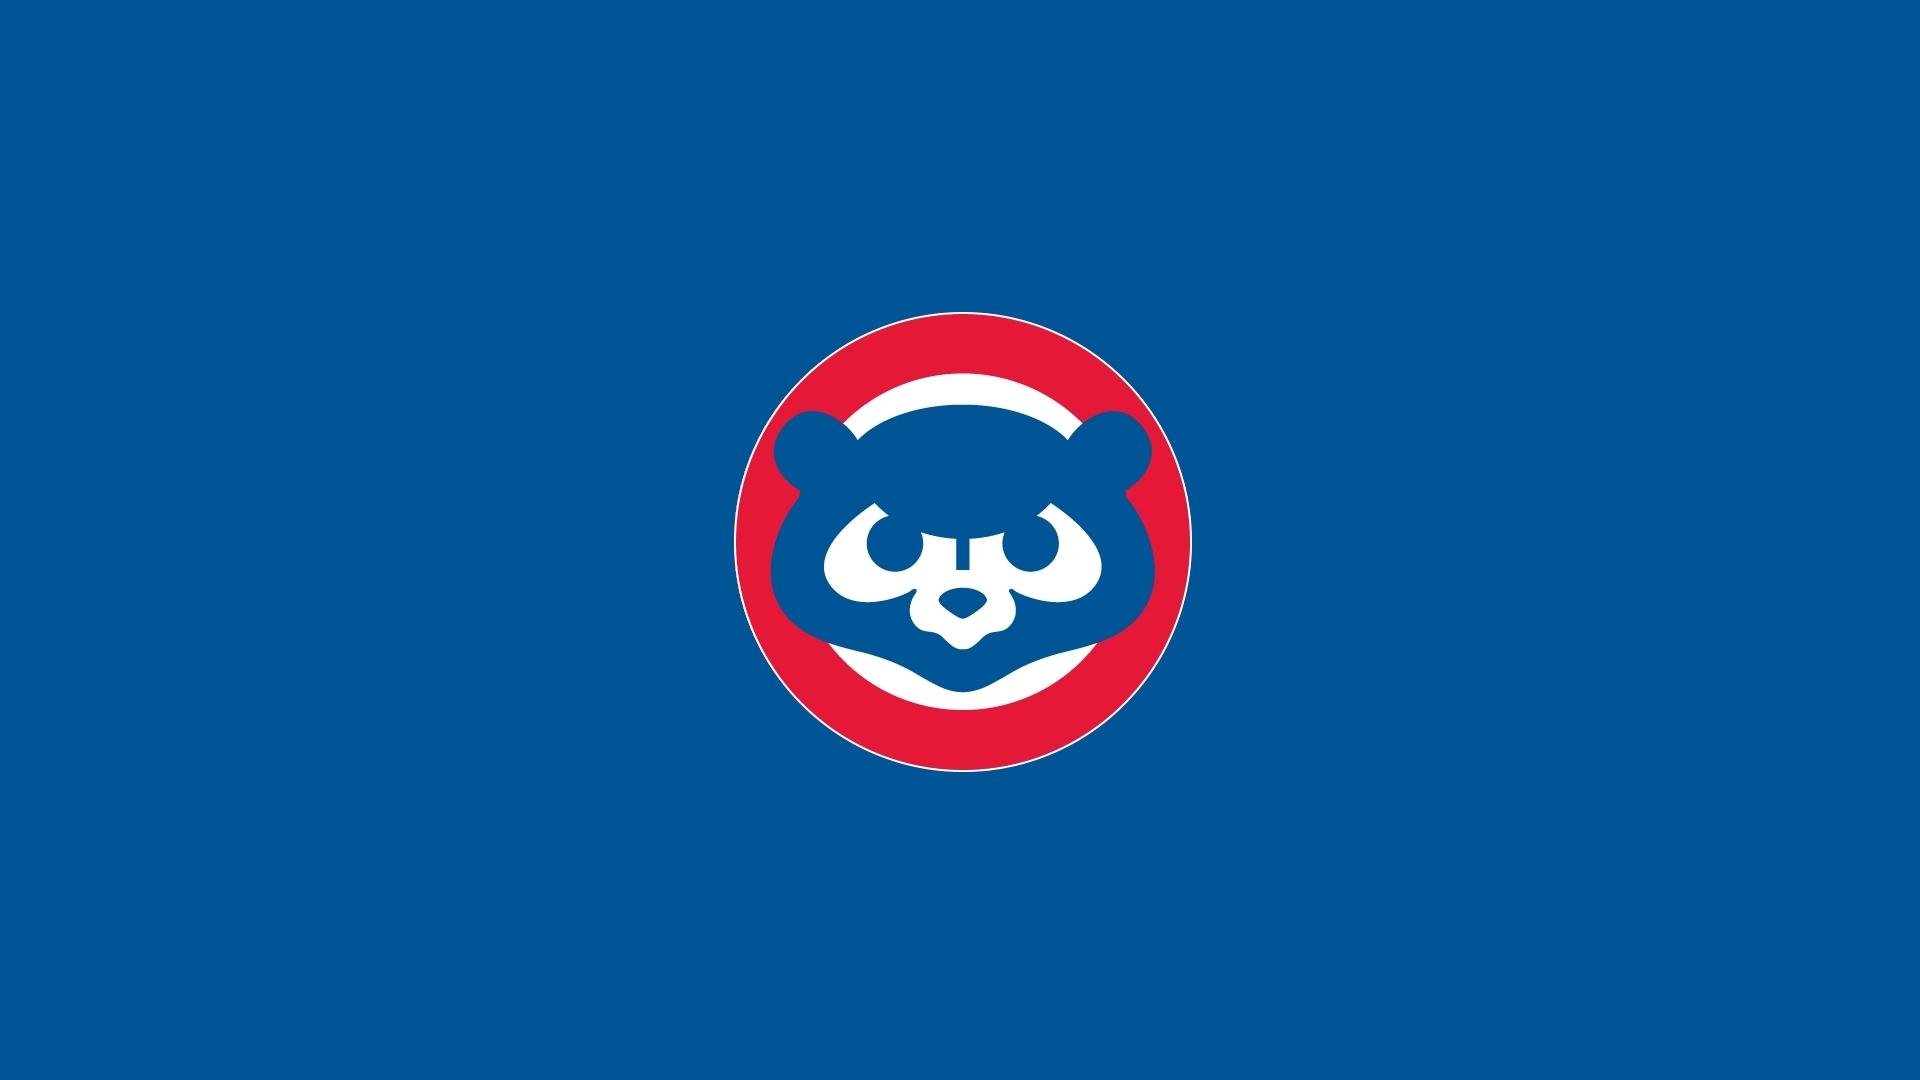 chicago cubs logo desktop wallpaper 50381 1920x1080 px